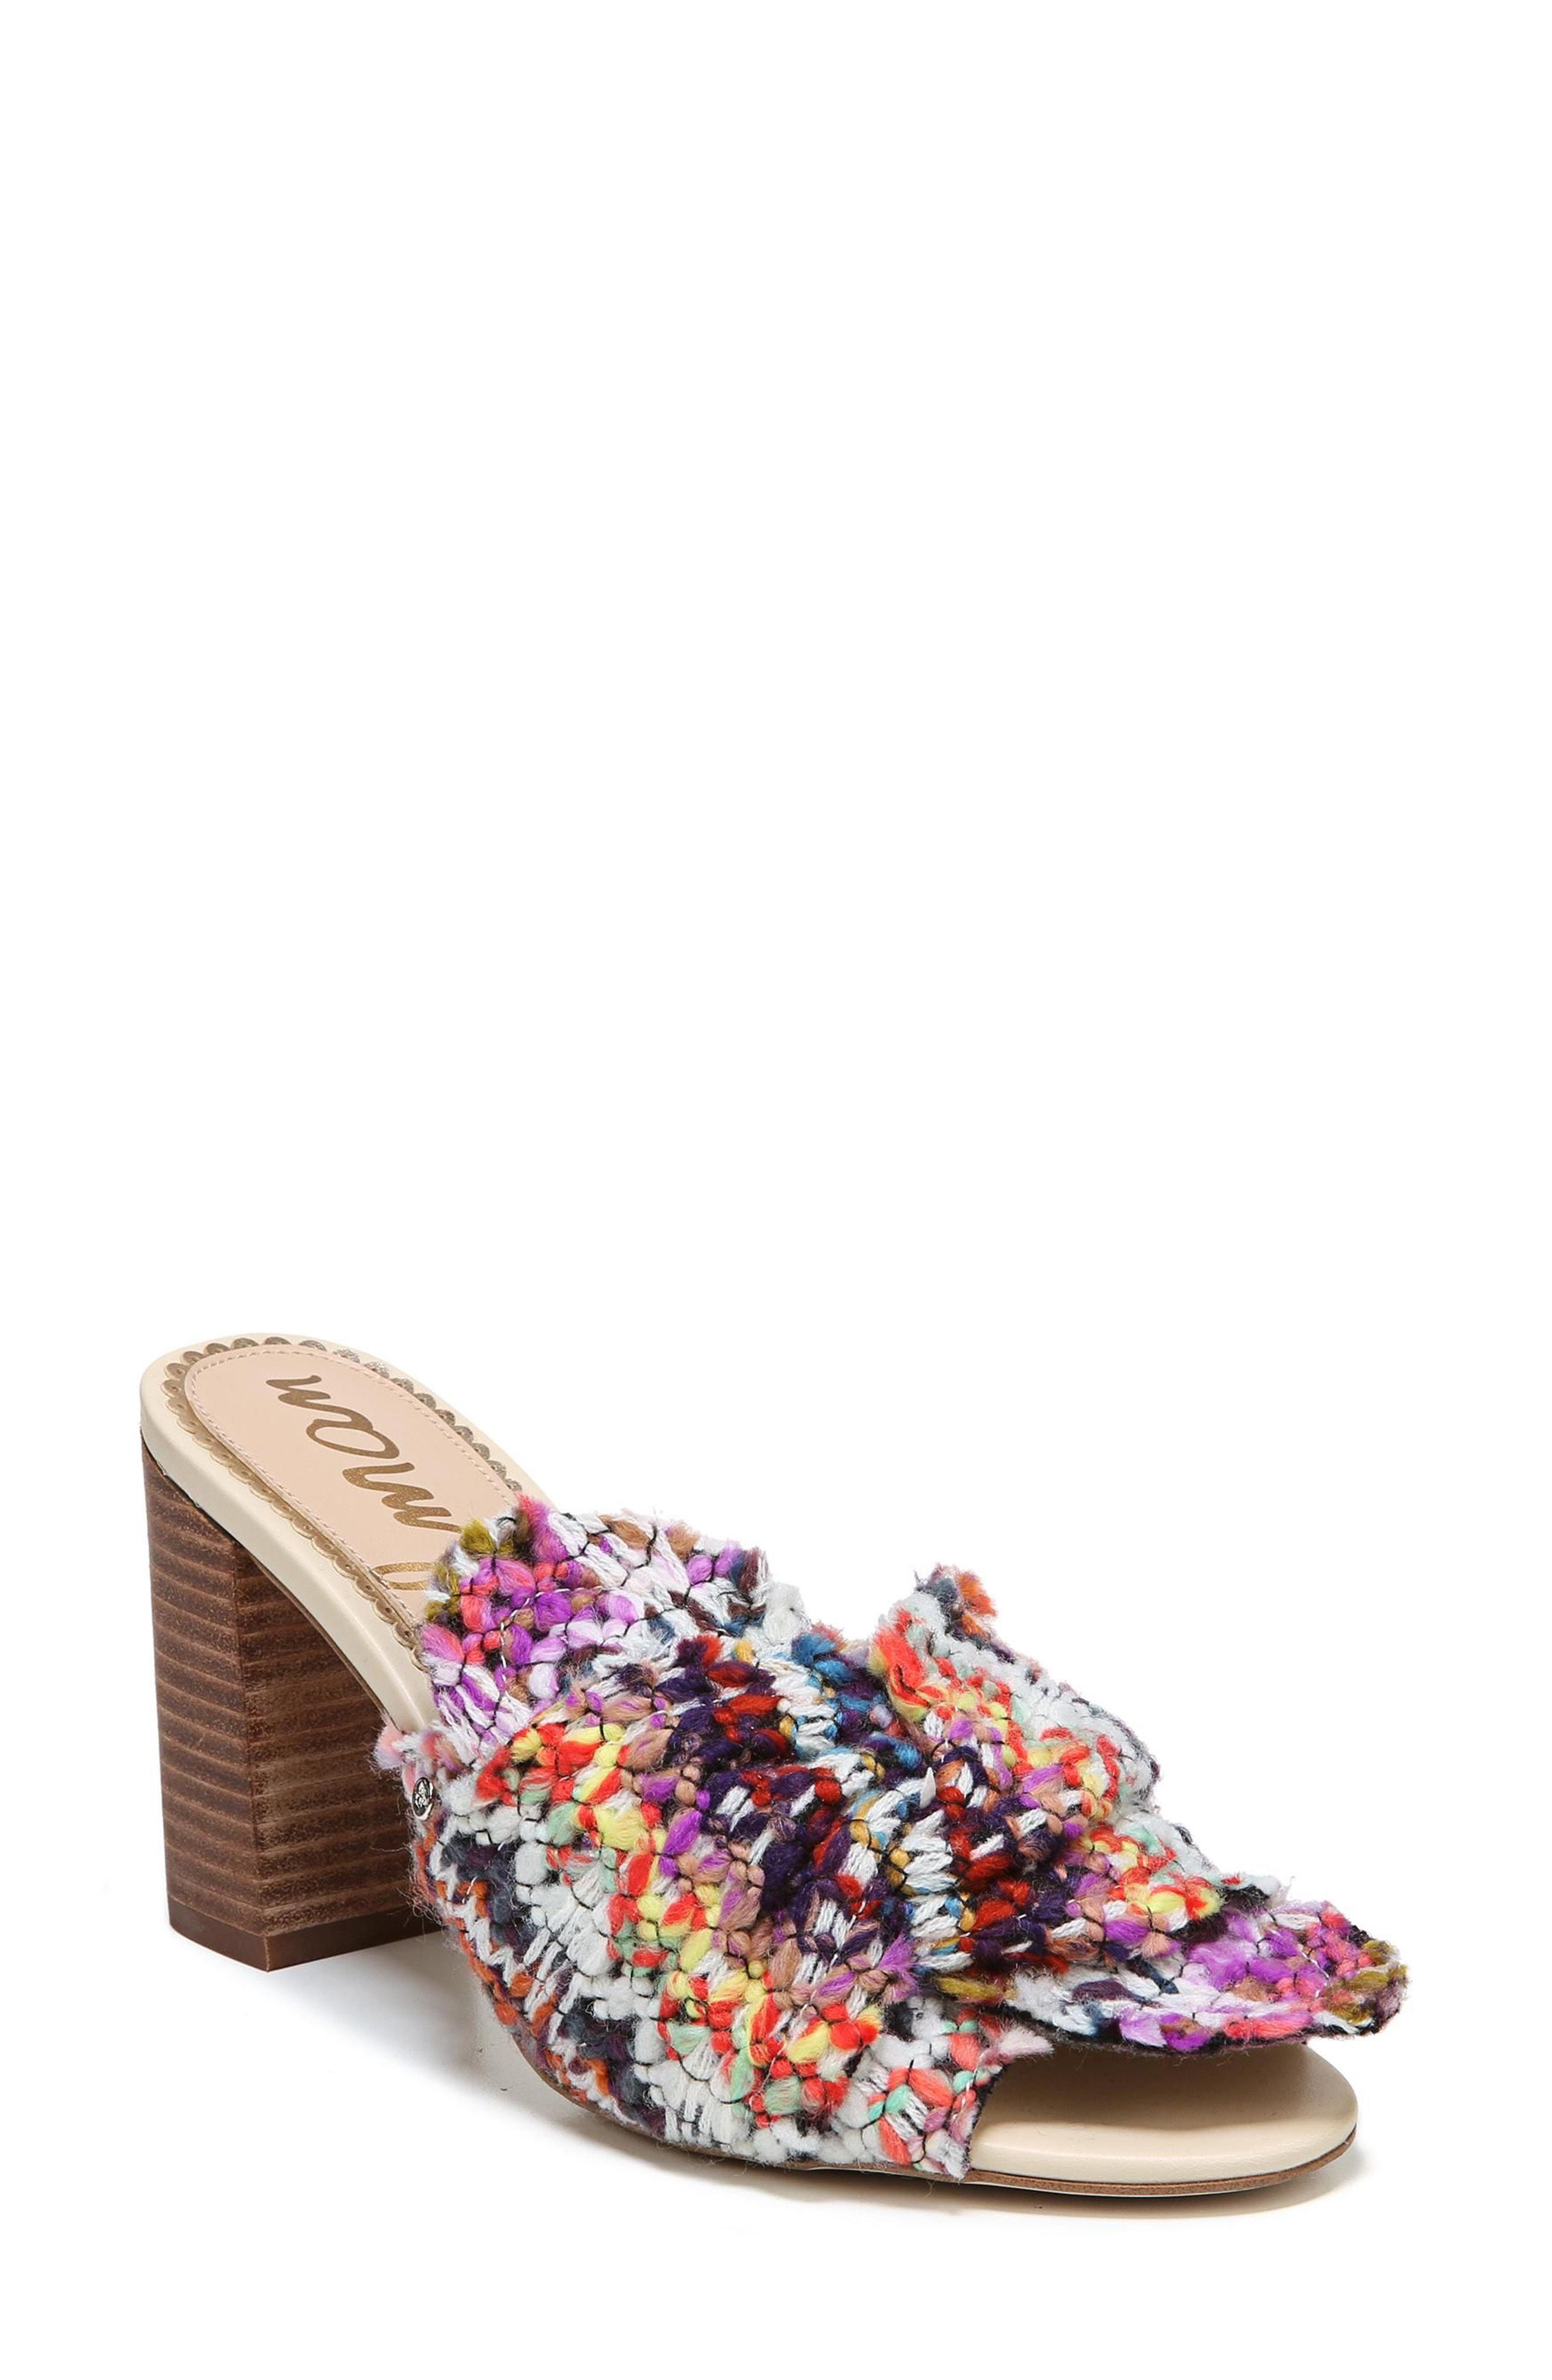 643e08280a535 Sam Edelman Oda Slide Sandal In Bright Multi Print